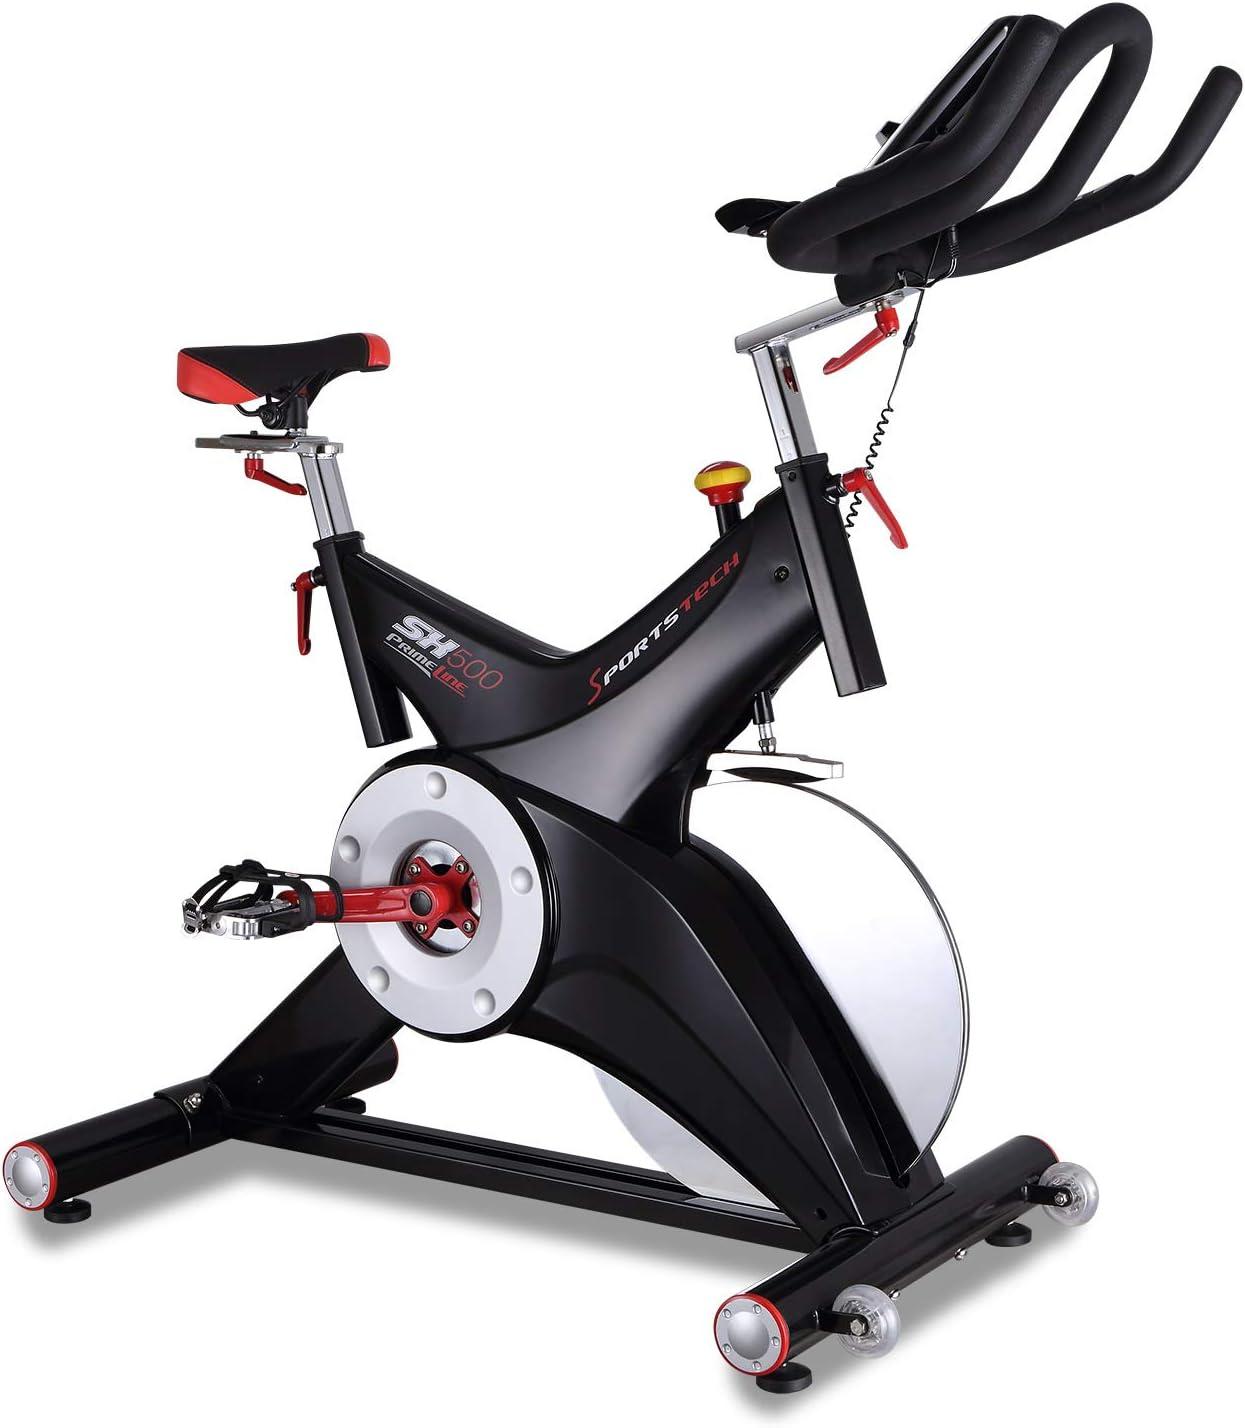 Sportstech Bicicleta estática Profesional SX500 -Marca de Calidad Alemana -Eventos en Vivo y App Multijugador, Volante de 25KG, Compatible con pulsómetro, Pedales de Click SPD, hasta 150KG, con eBook